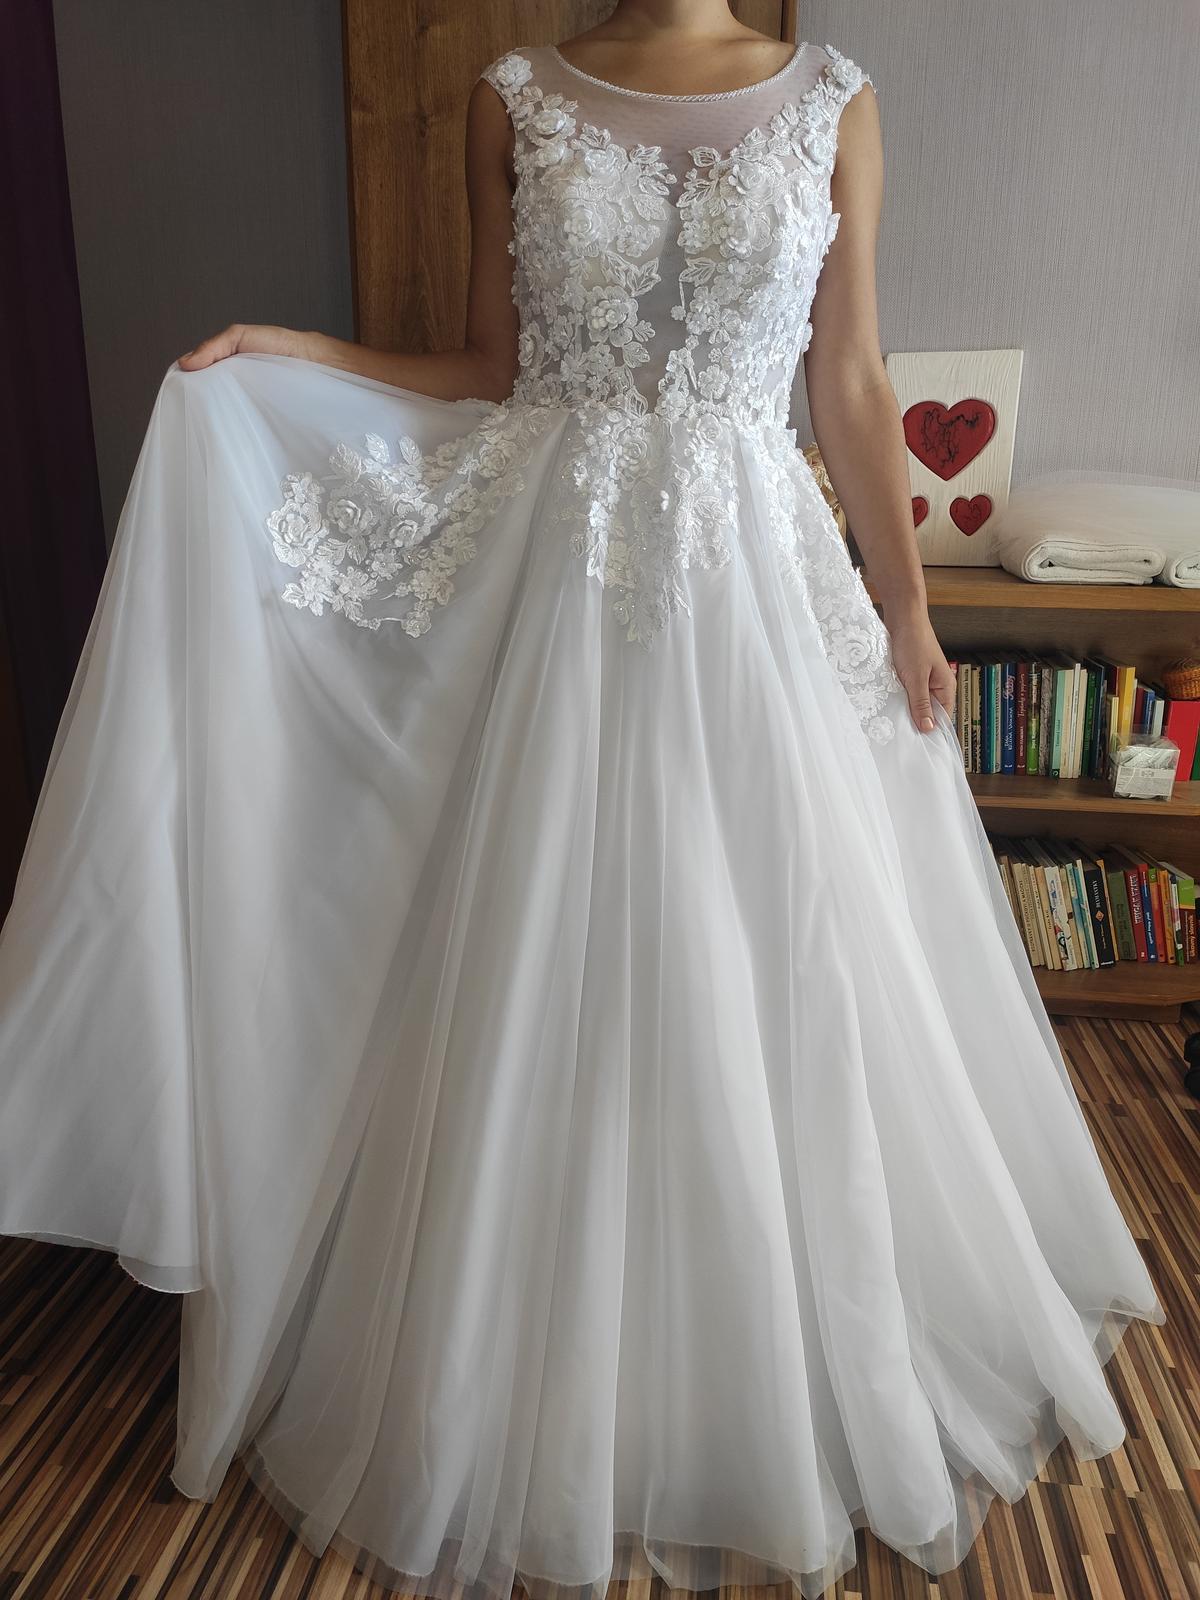 Predávam svoje svadobné šaty - Obrázok č. 1